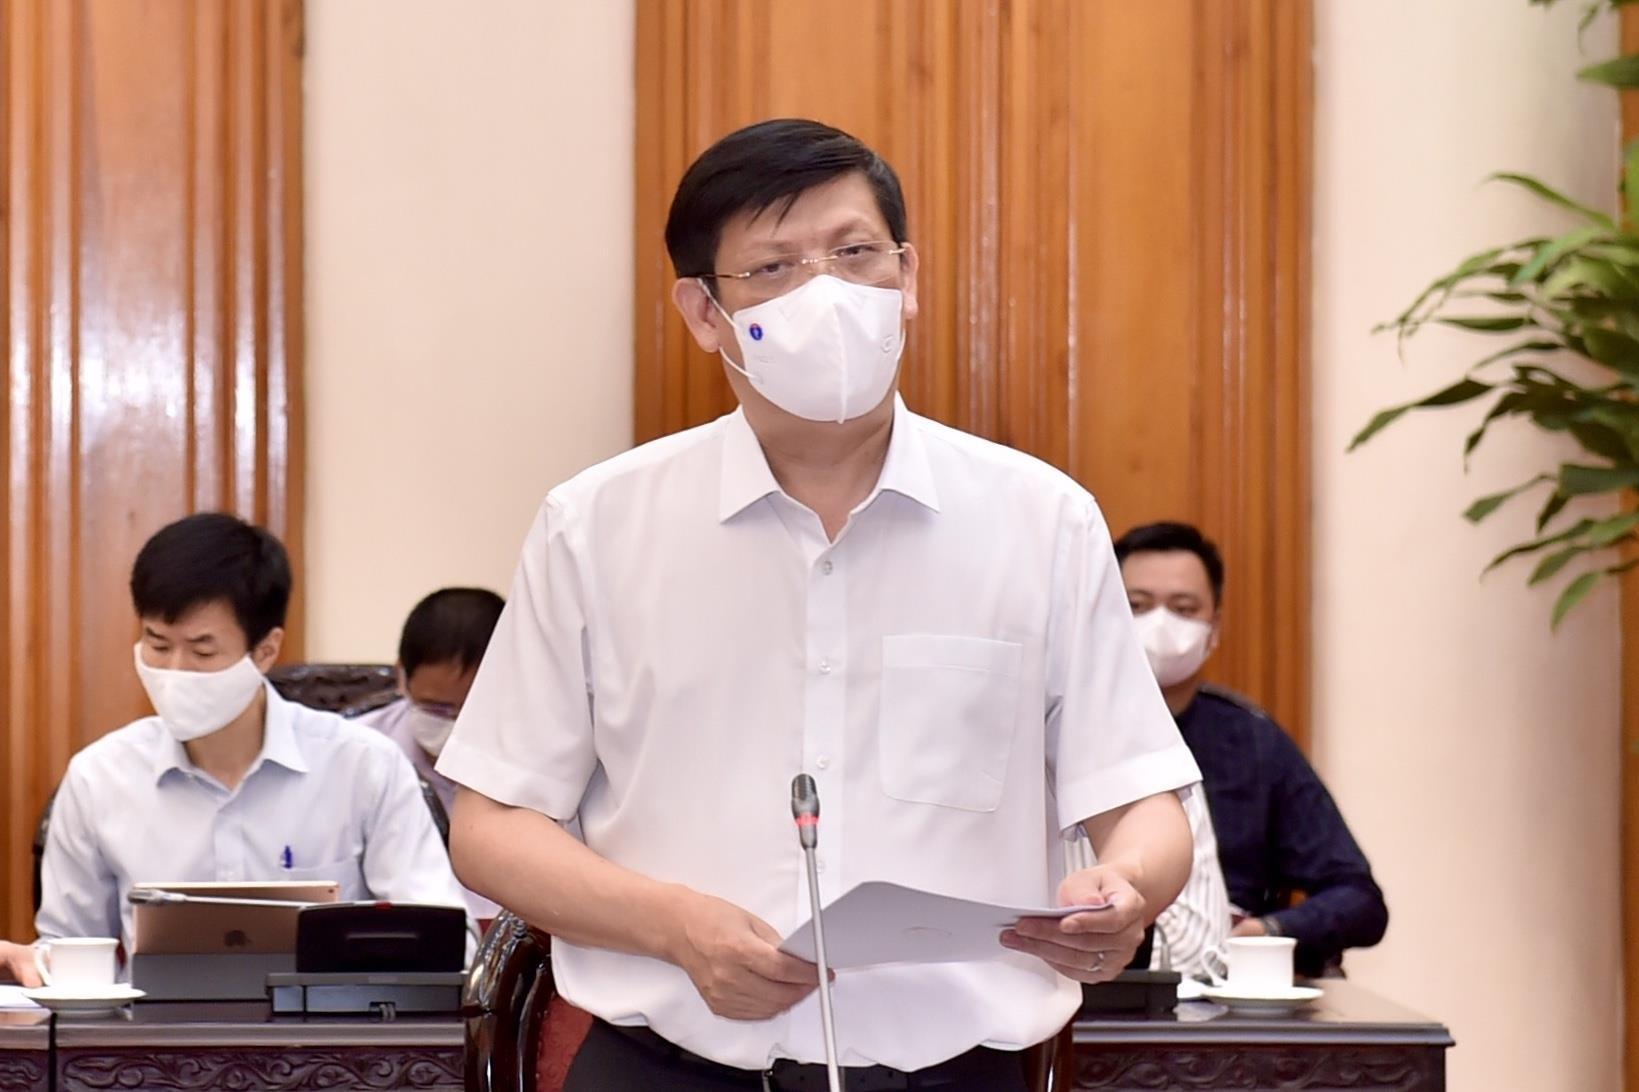 Bộ trưởng Y tế: Phải tiết kiệm nhân lực vì cuộc chiến với dịch bệnh còn dài - 1